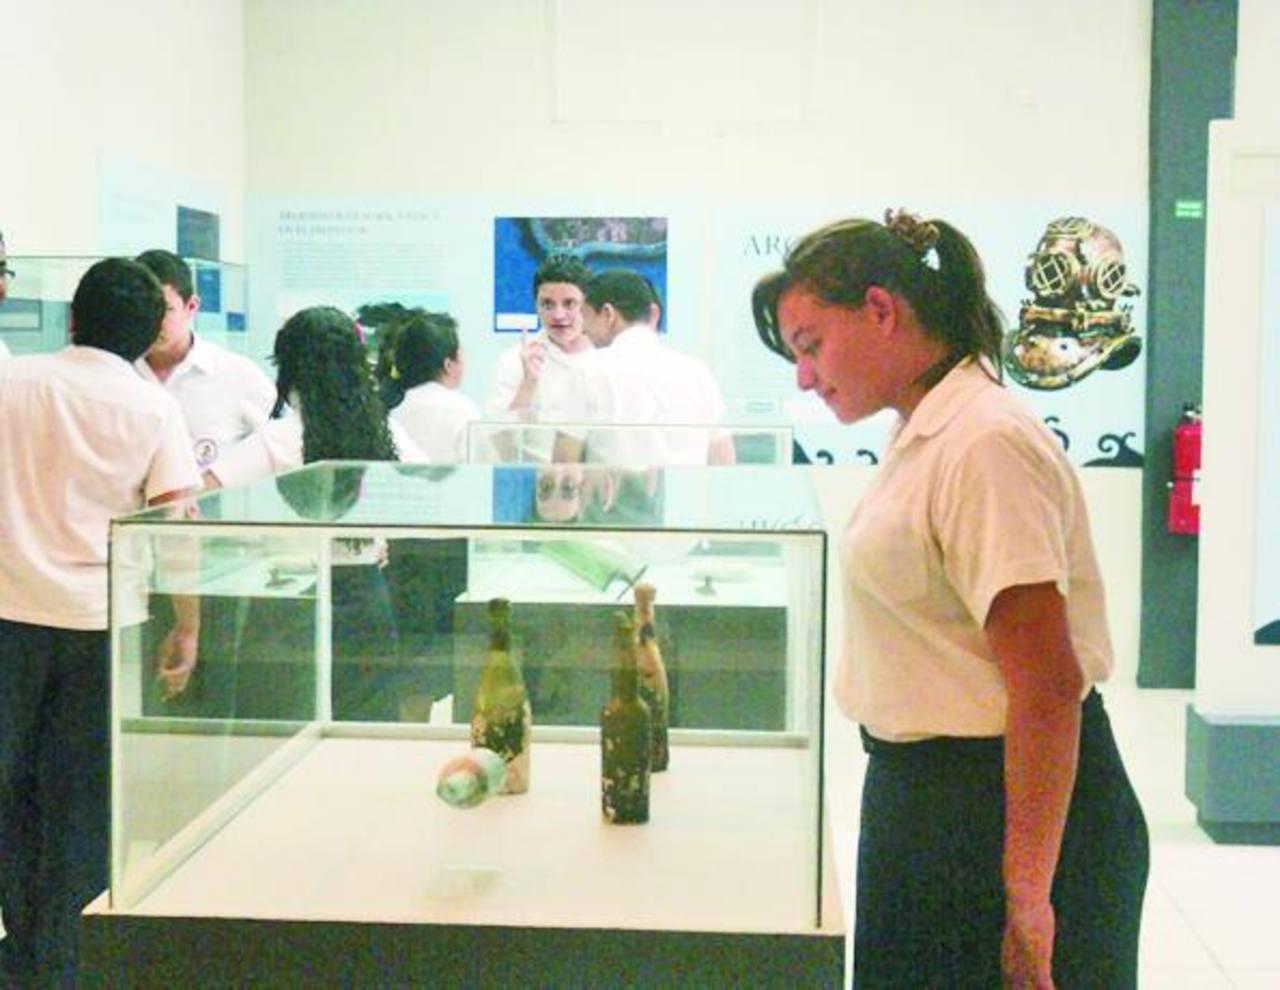 La exposición estará habilitada para todo público dijeron en el museo. foto edh / Cortesía.Los jóvenes participaron con interpretaciones musicales. Foto EDH / Cristian Díaz